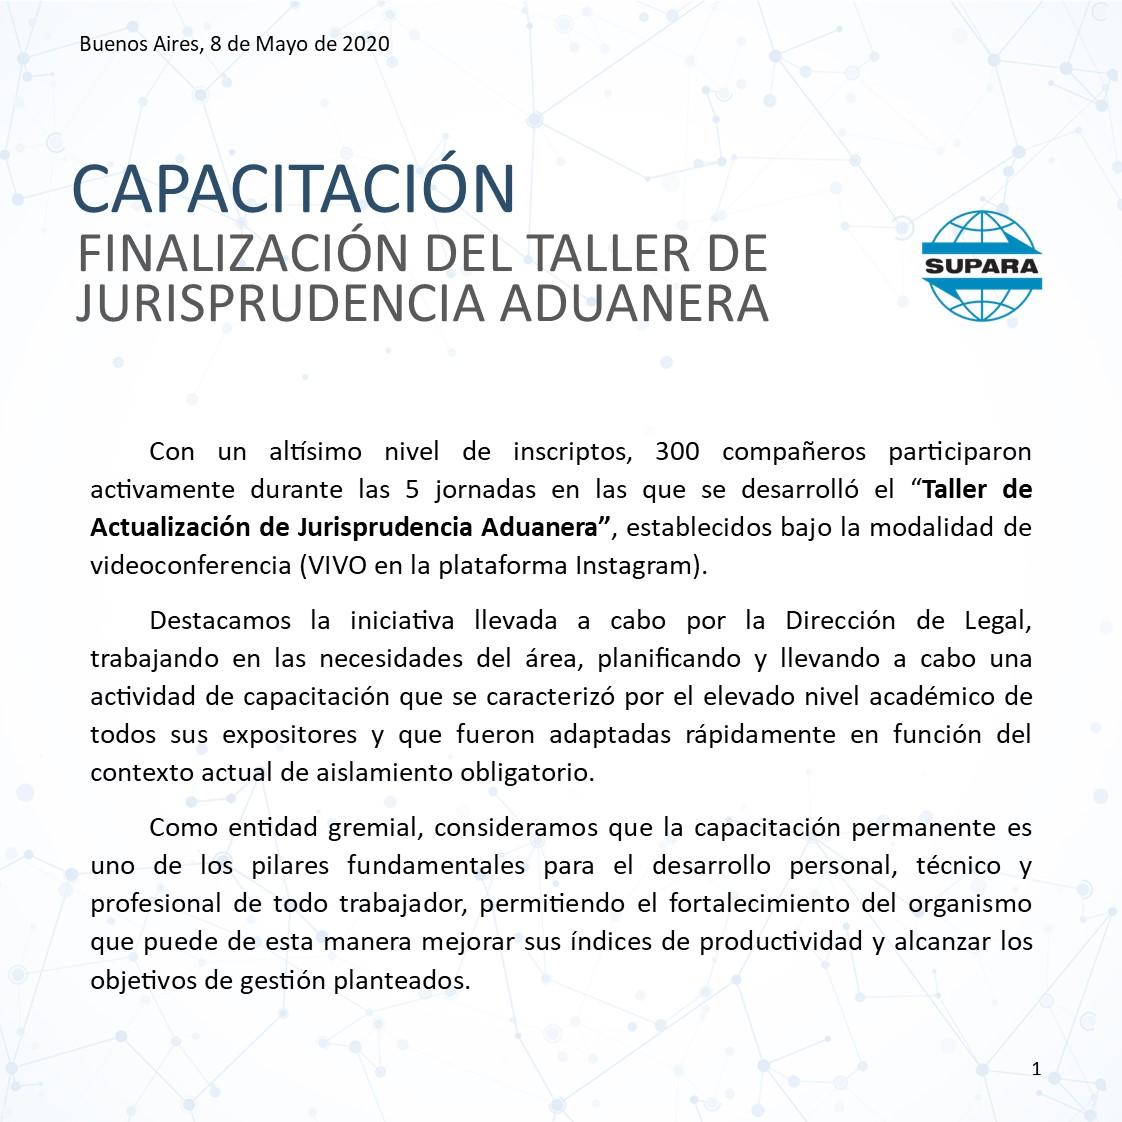 2020 05 08 FINALIZACIÓN DEL TALLER DE ACTUALIZACION JURISPRUDENCIA ADUANERA 1